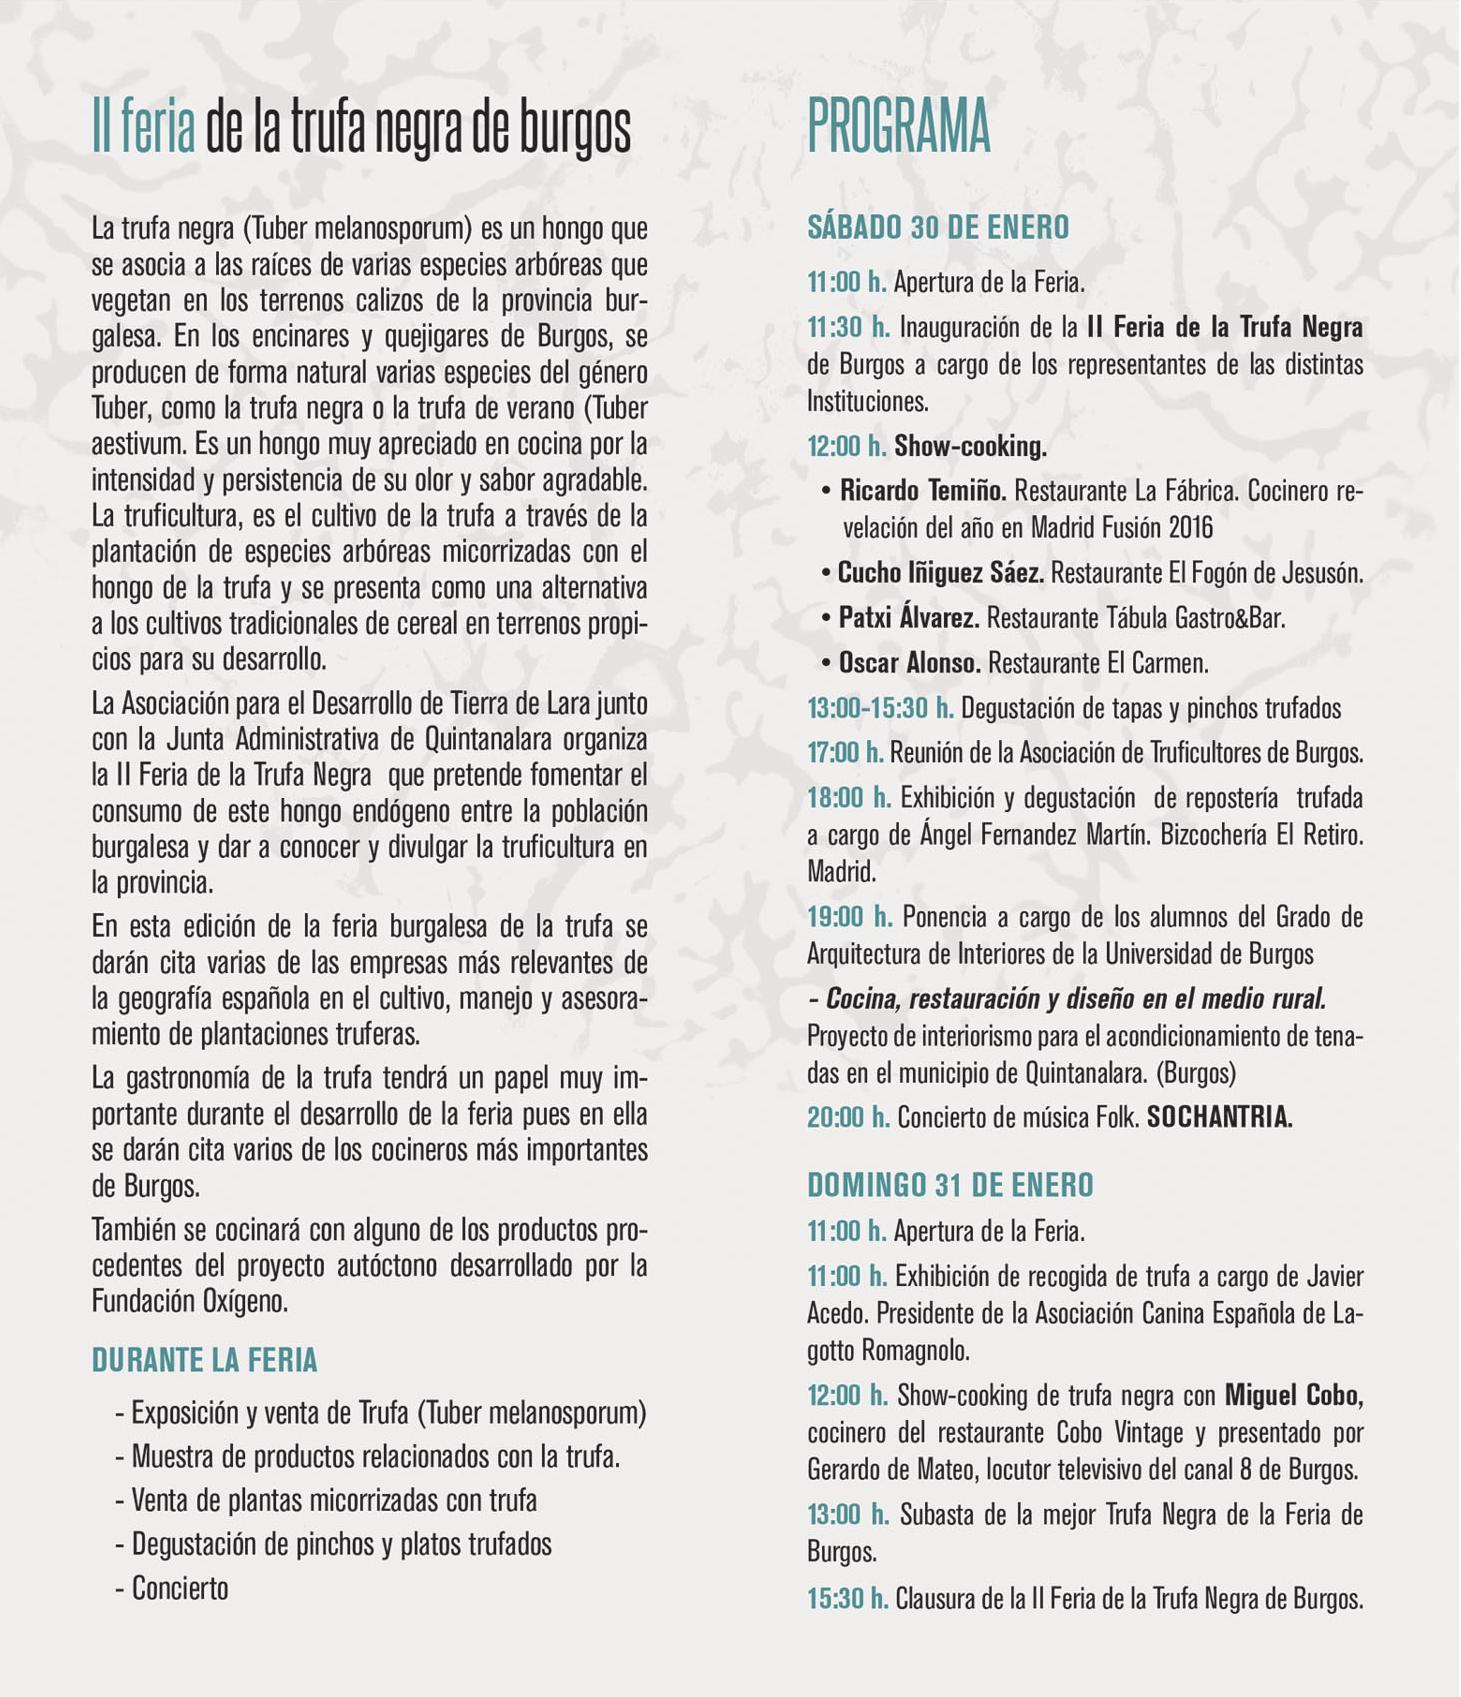 II FERIA DE LA TRUFA NEGRA EN BURGOS 2